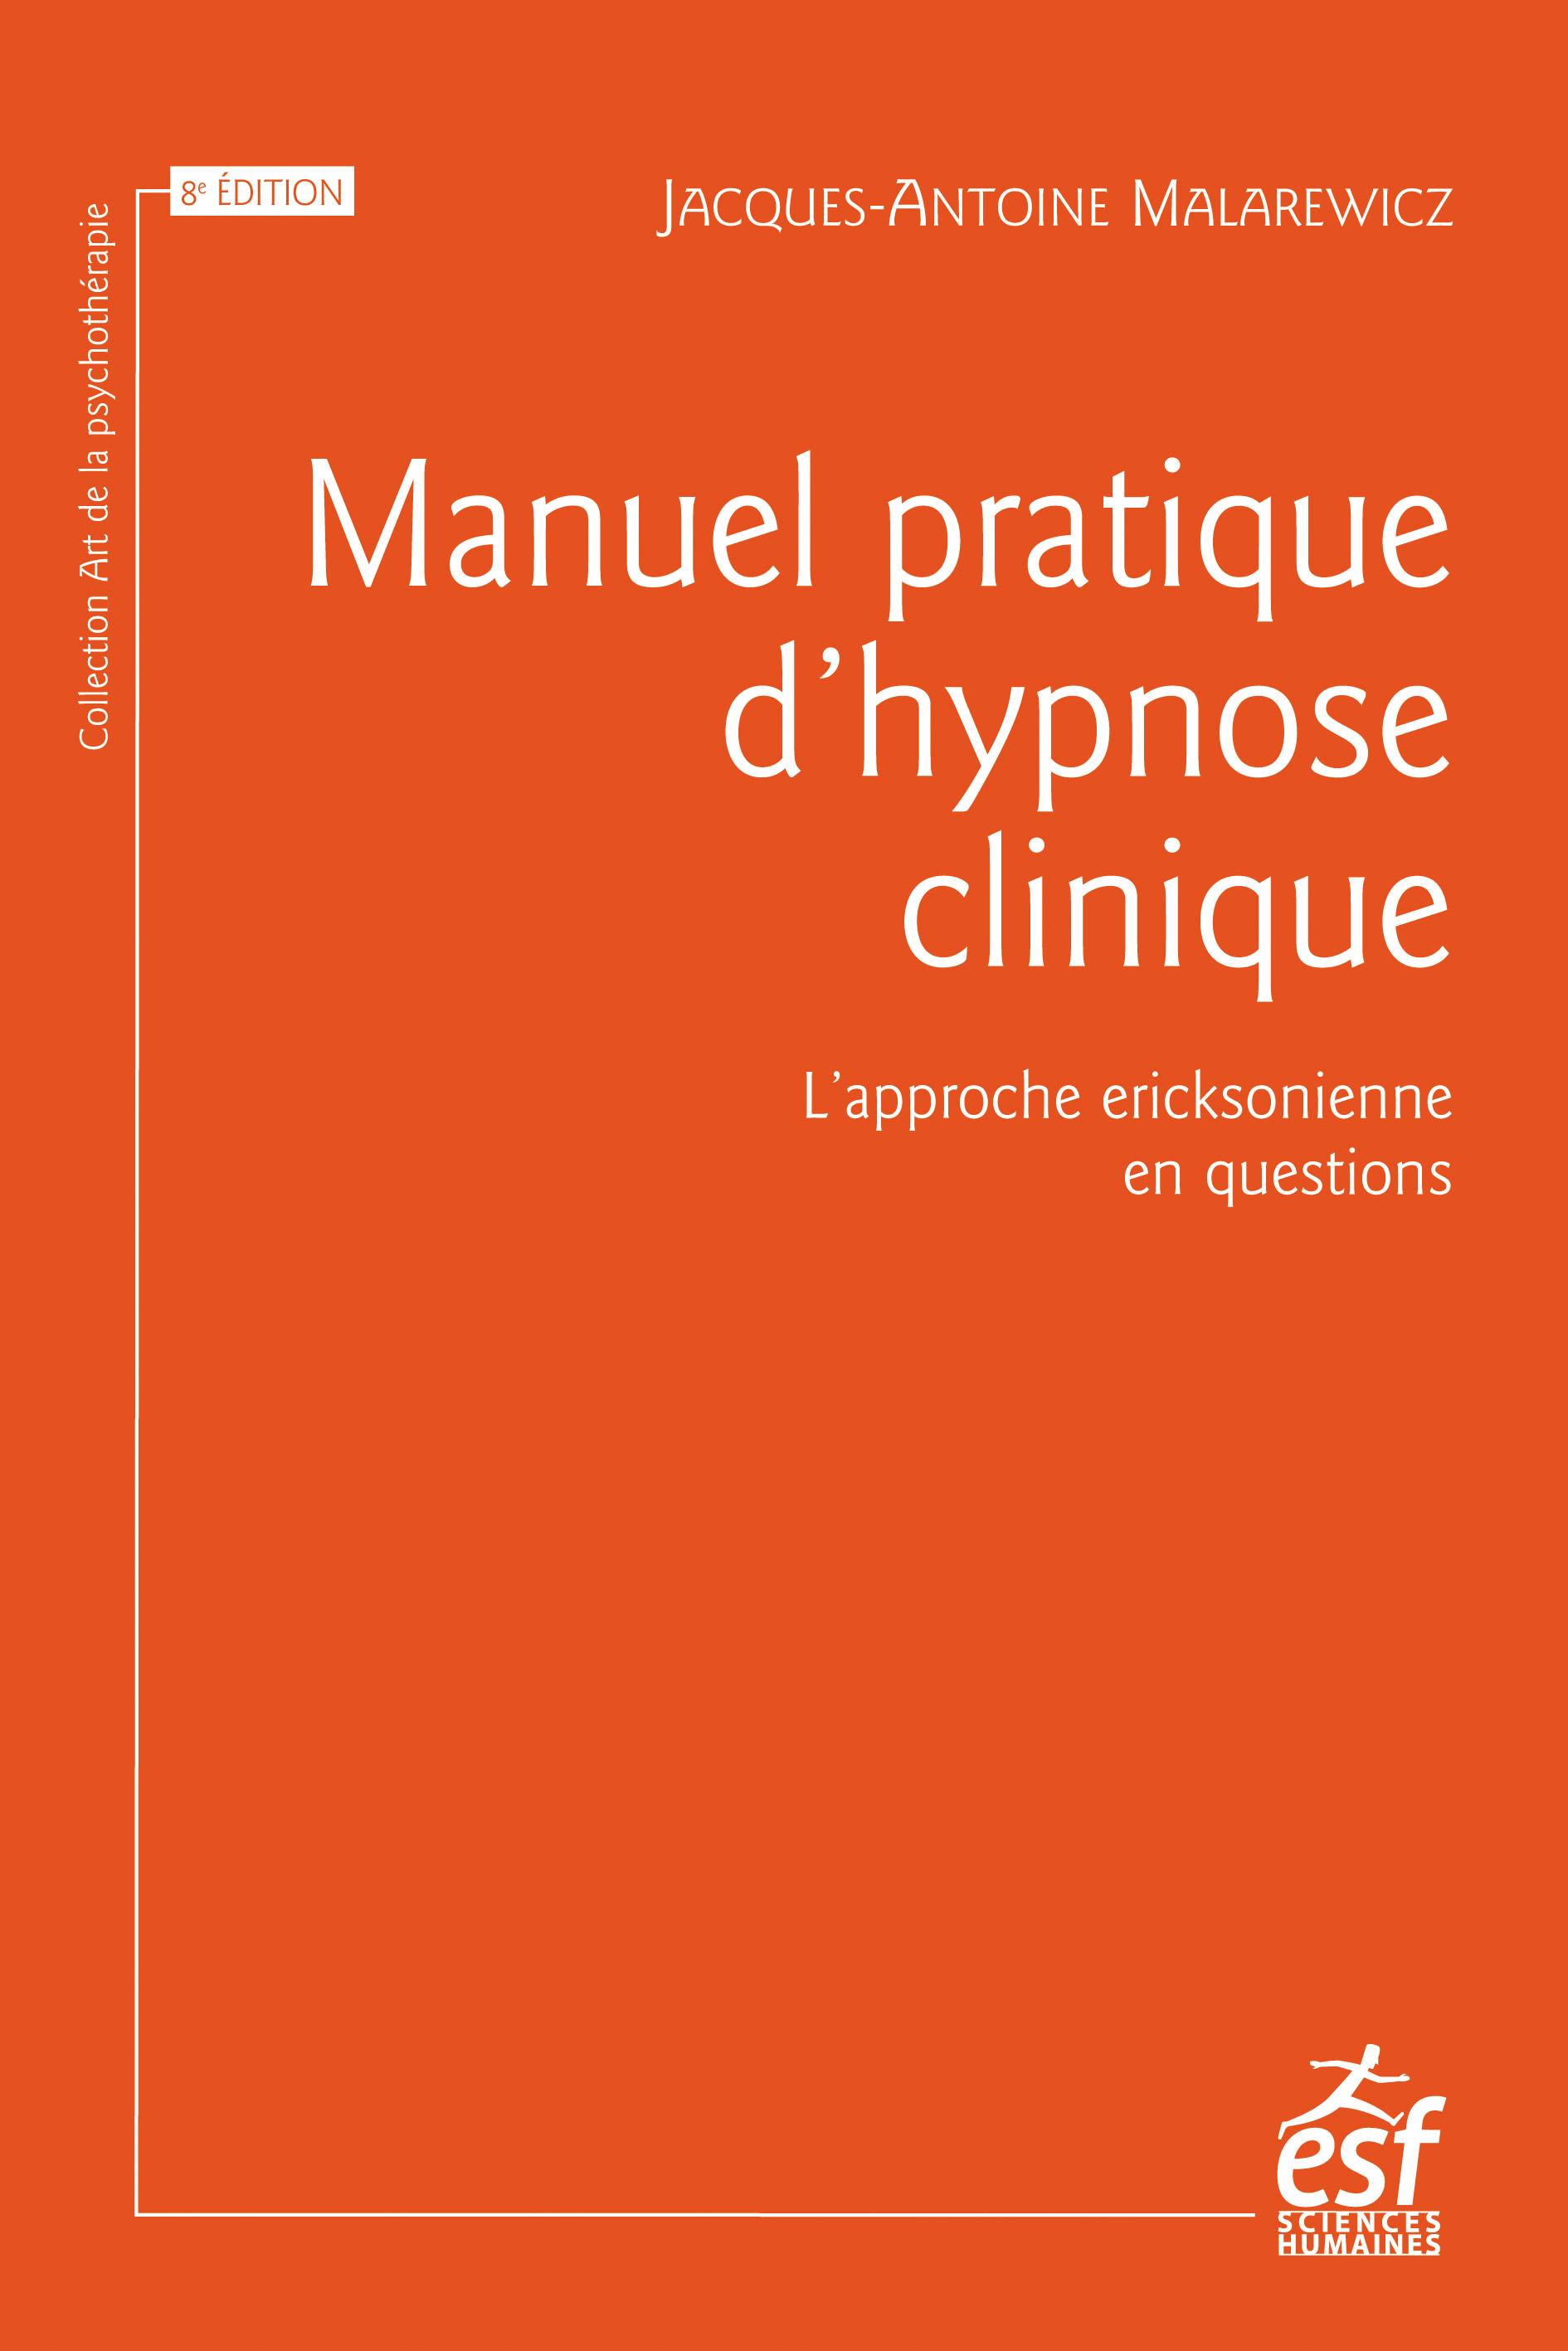 Manuel pratique d'hypnose clinique : l'approche ericksonienne en questions